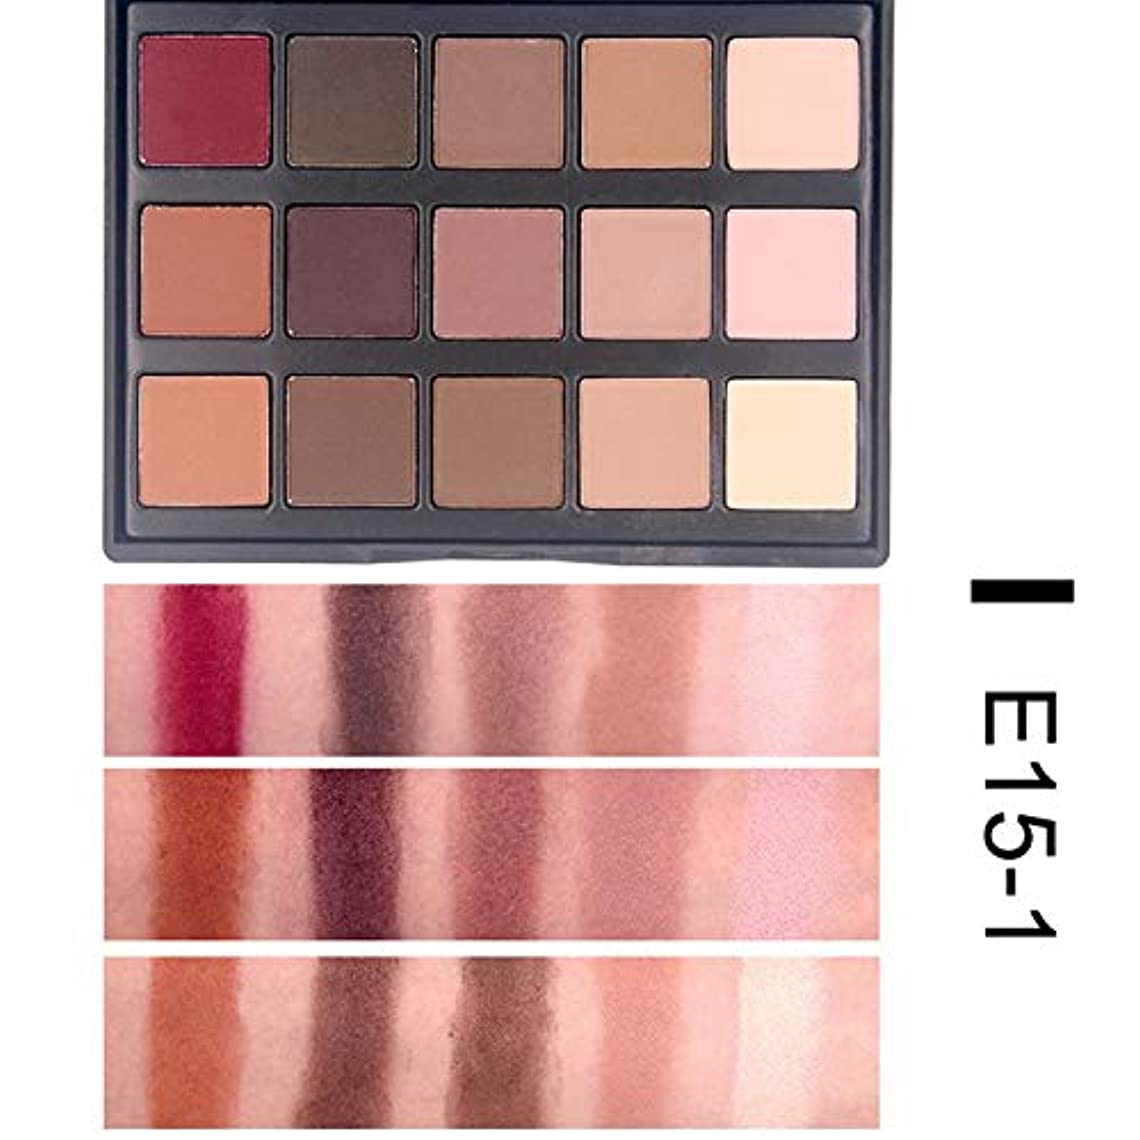 永続出席ありがたいRabugoo 15色ミニアイシャドウパウダーマットアイシャドウ化粧品メイクアップ EP15#1